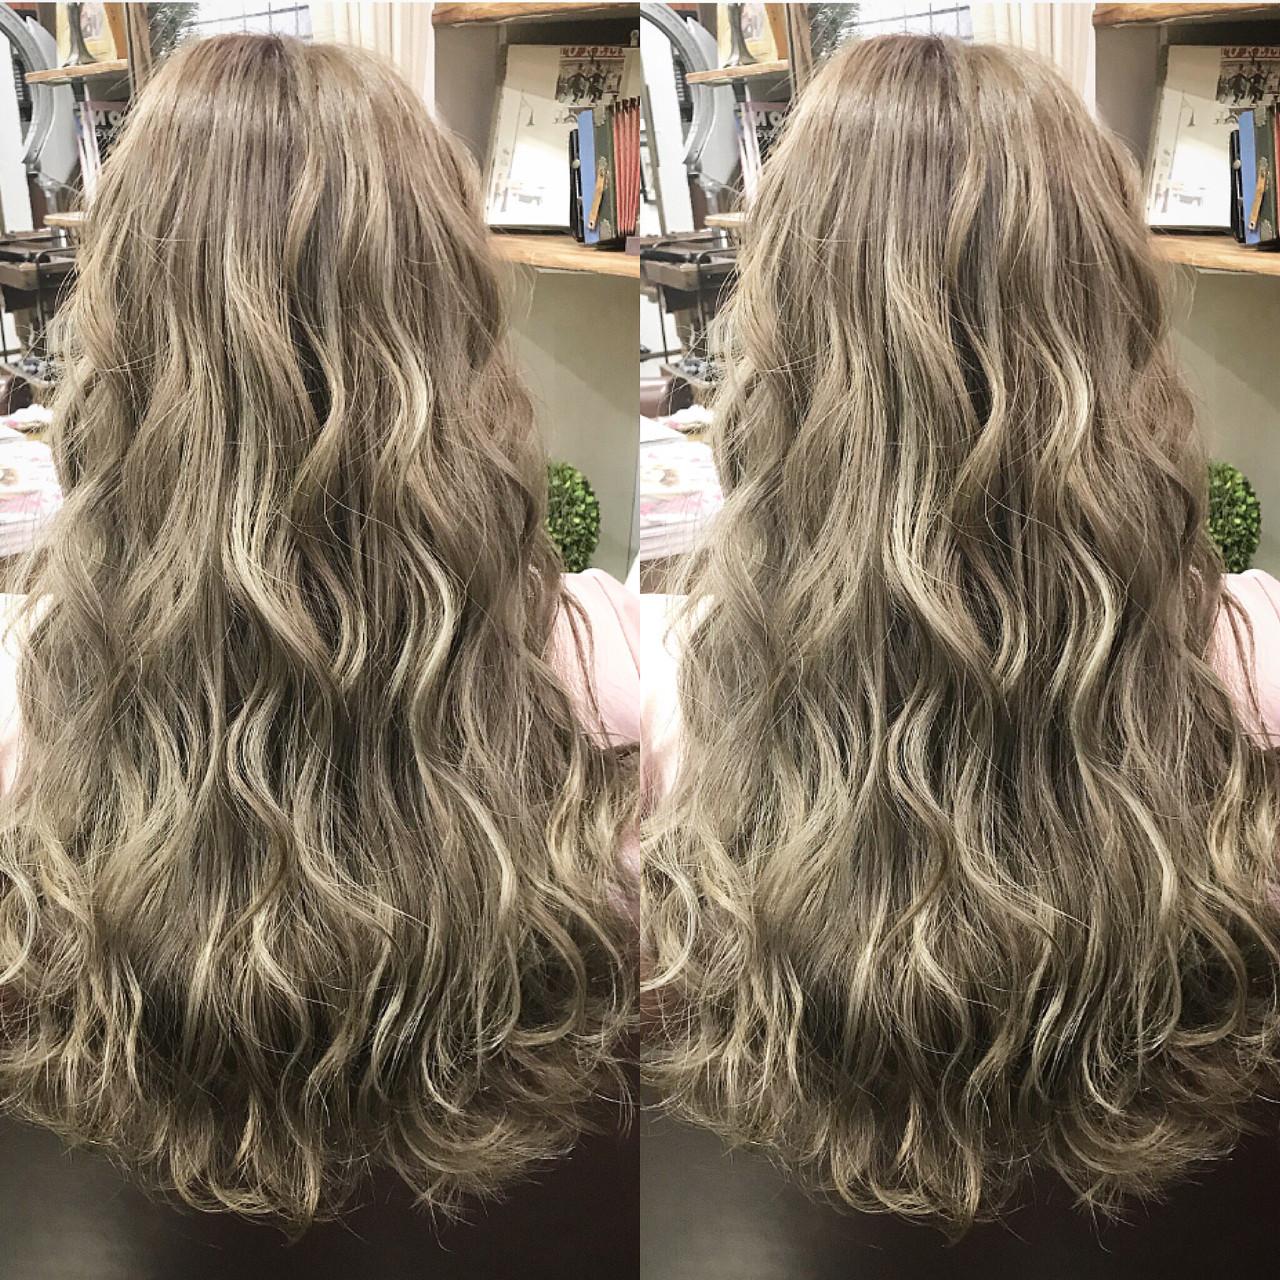 ロング 外国人風 フェミニン ハイライト ヘアスタイルや髪型の写真・画像 | こまつ / バイブアンドアネックス グラウンドフロア